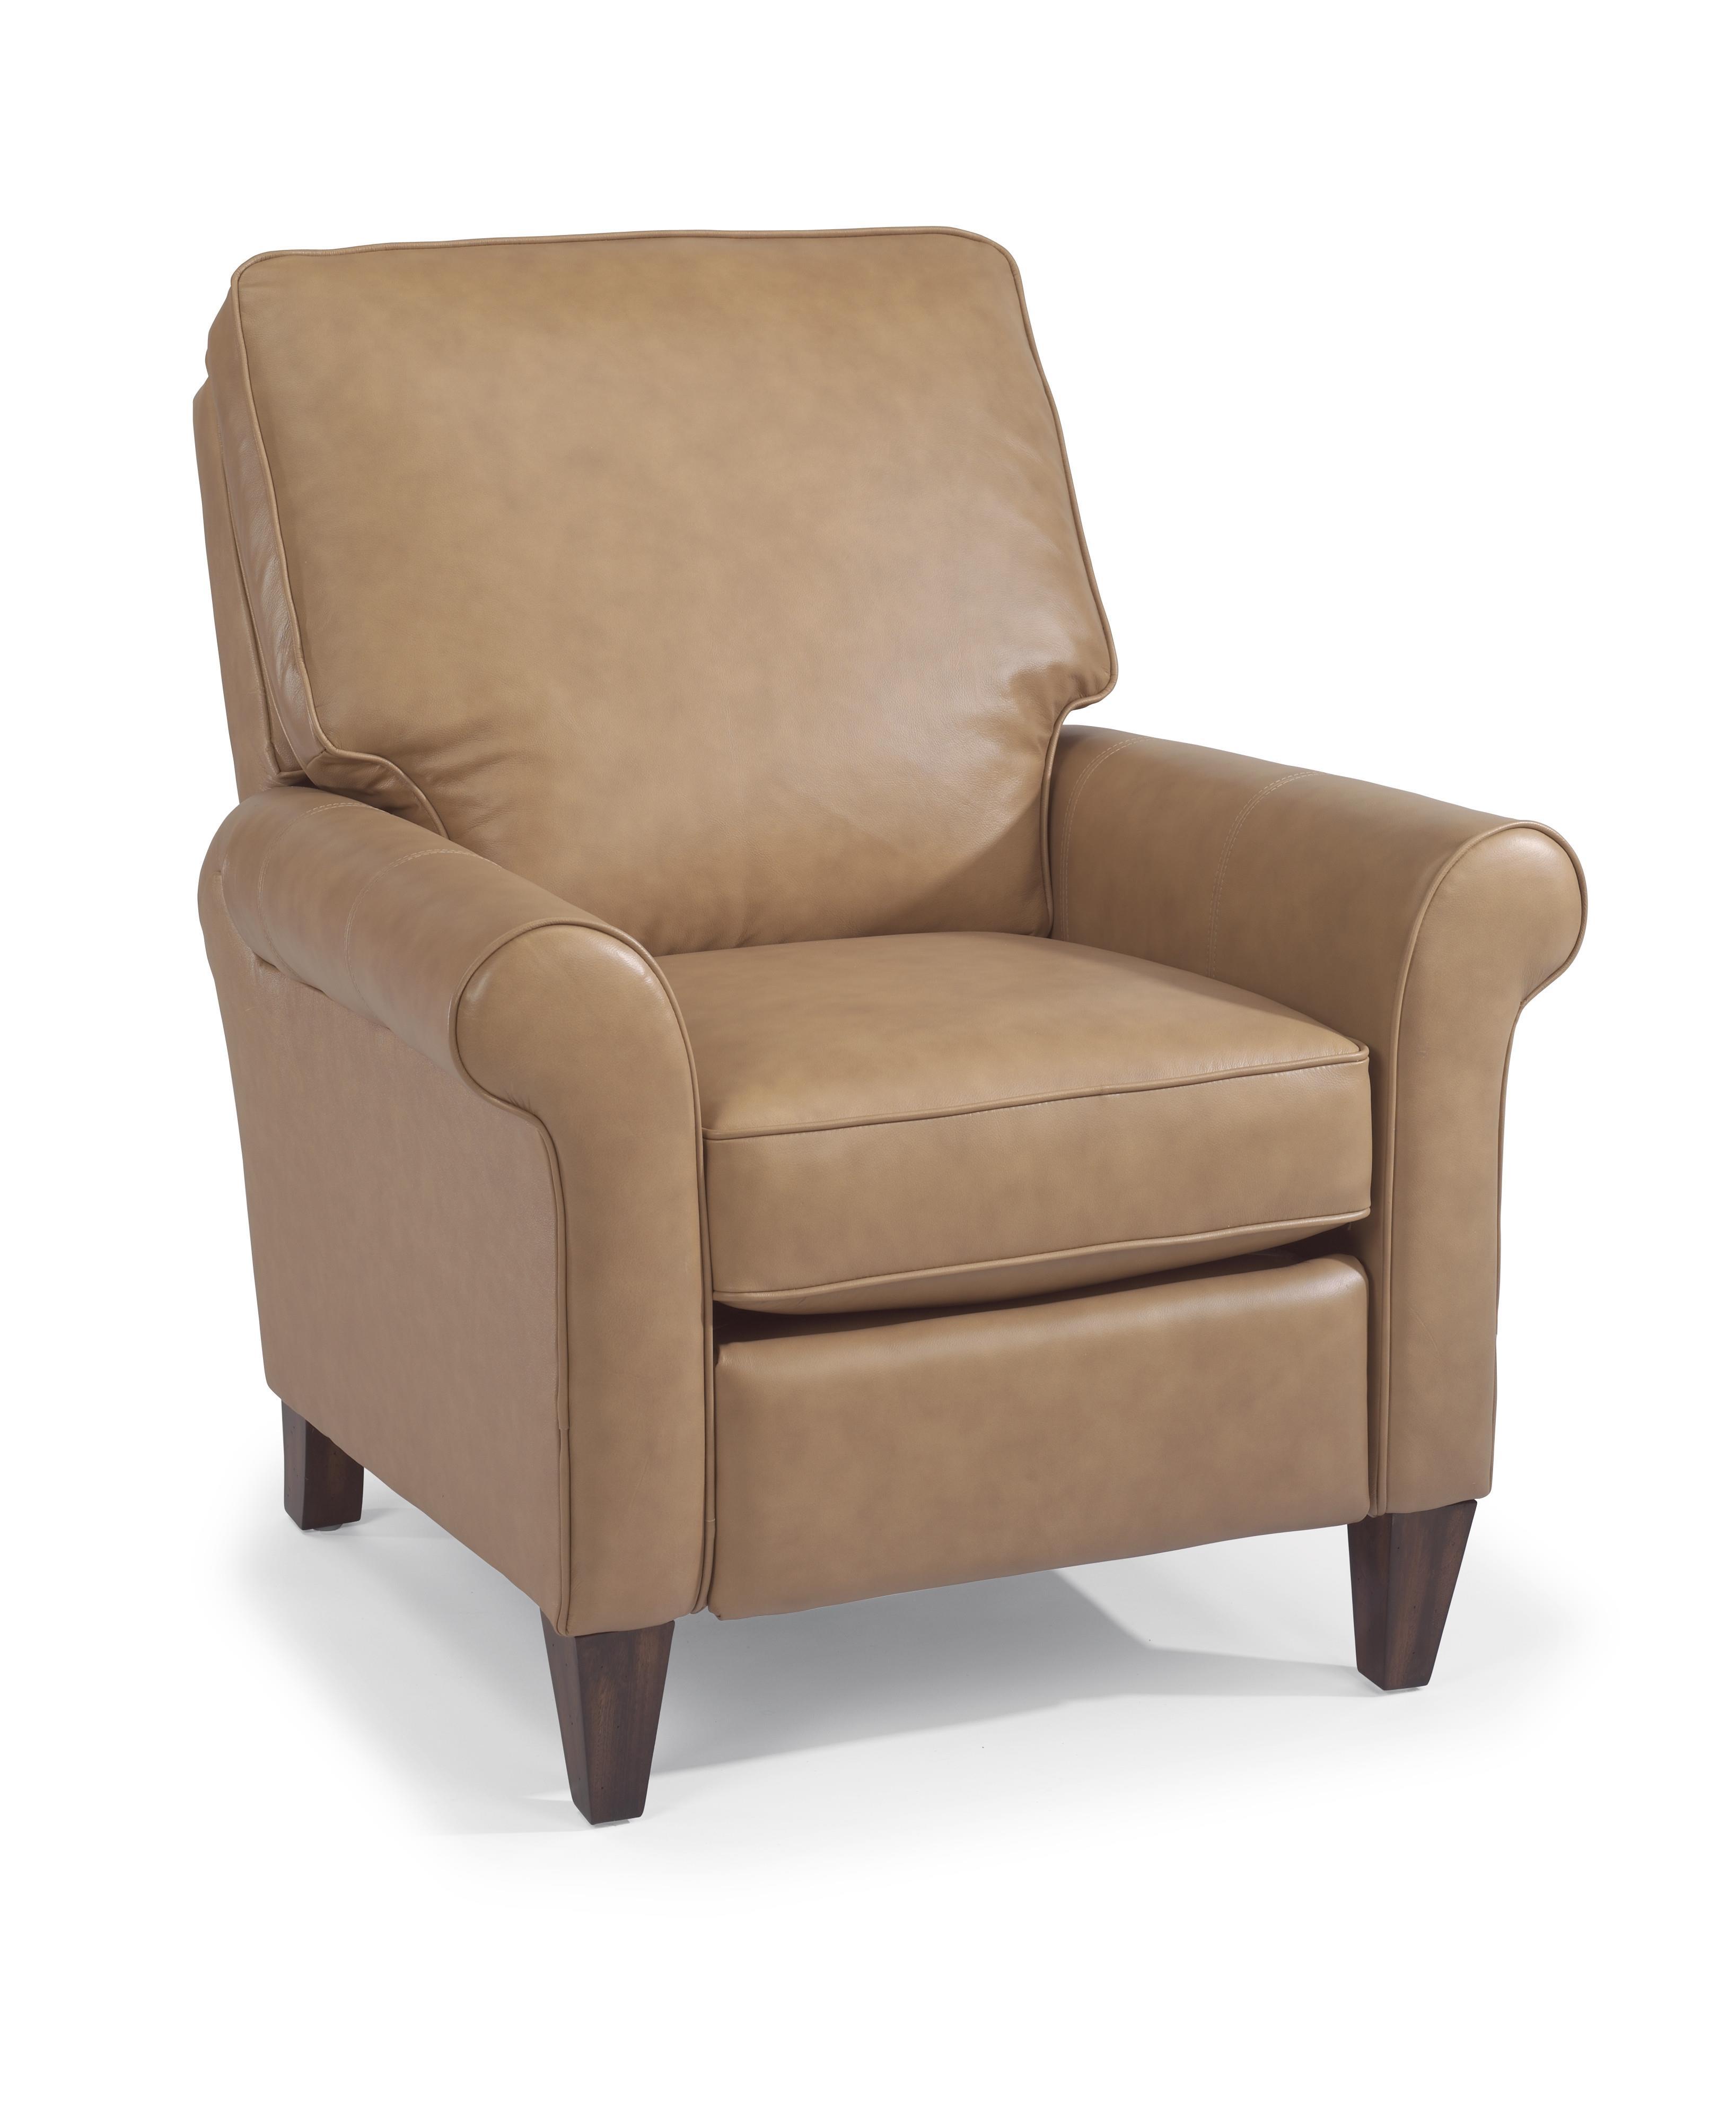 Flexsteel Accent Chair 0410: Flexsteel Westside Accent Wall Recliner